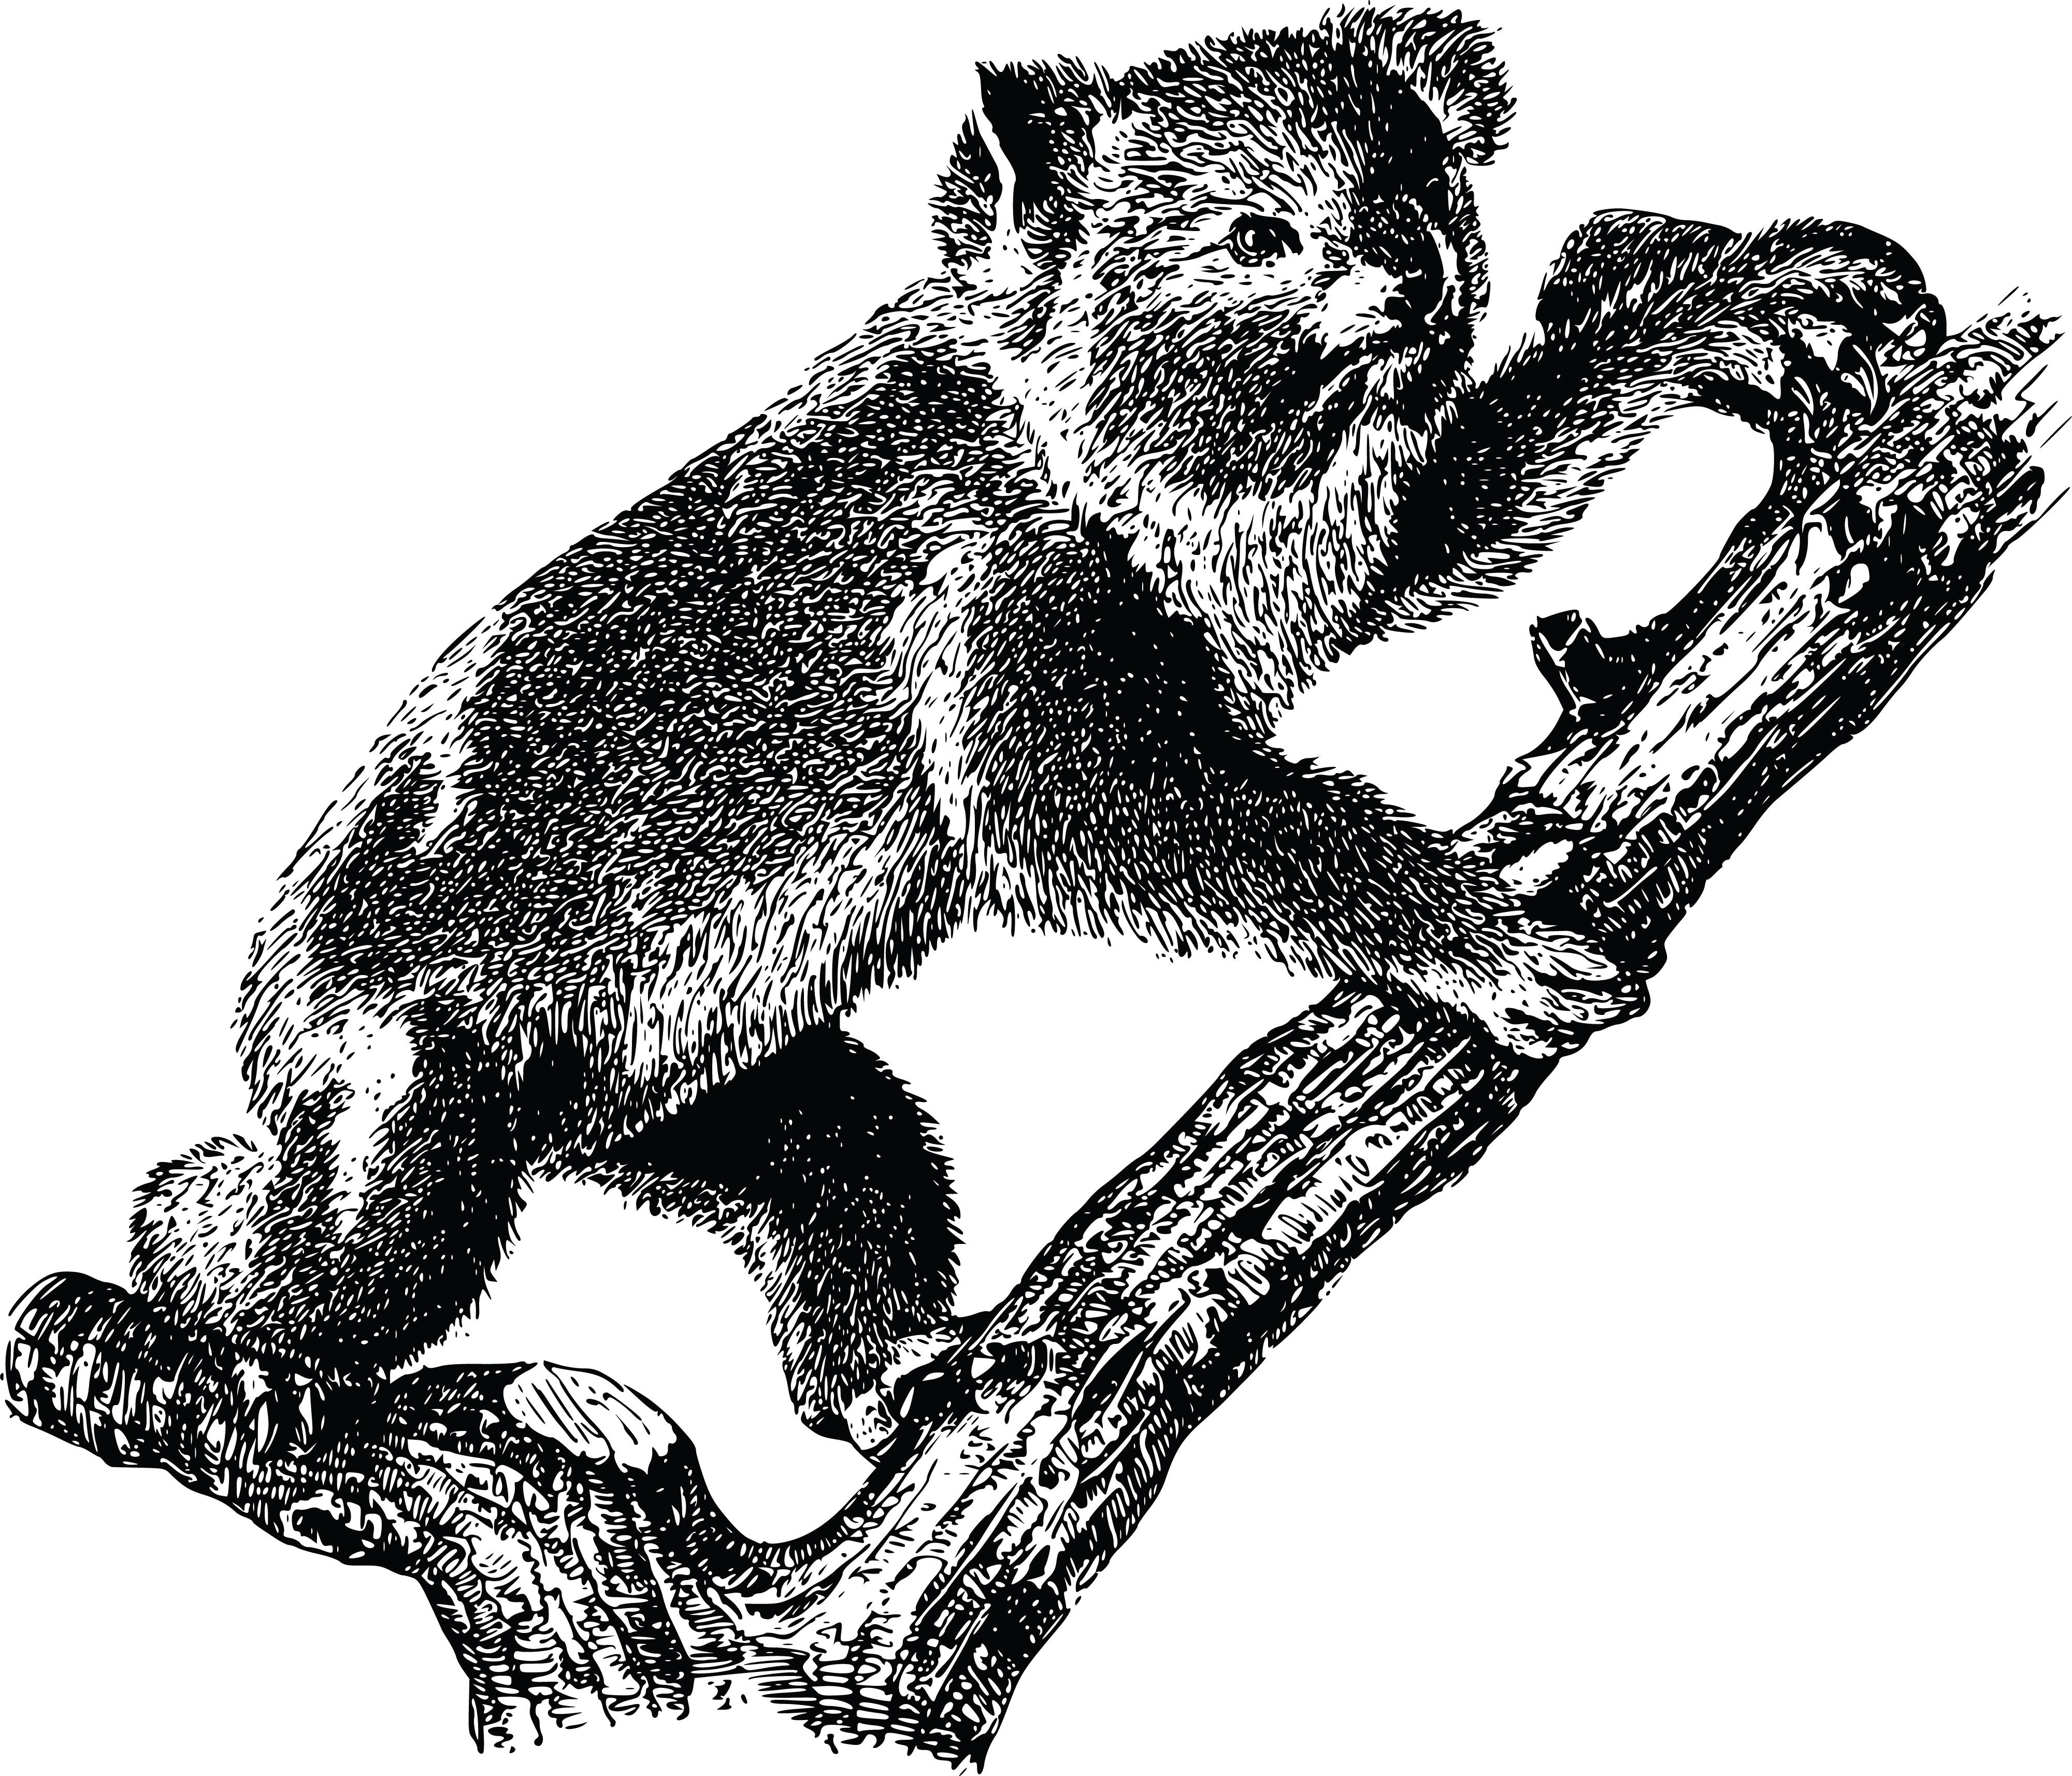 Free Clipart Of A koala.